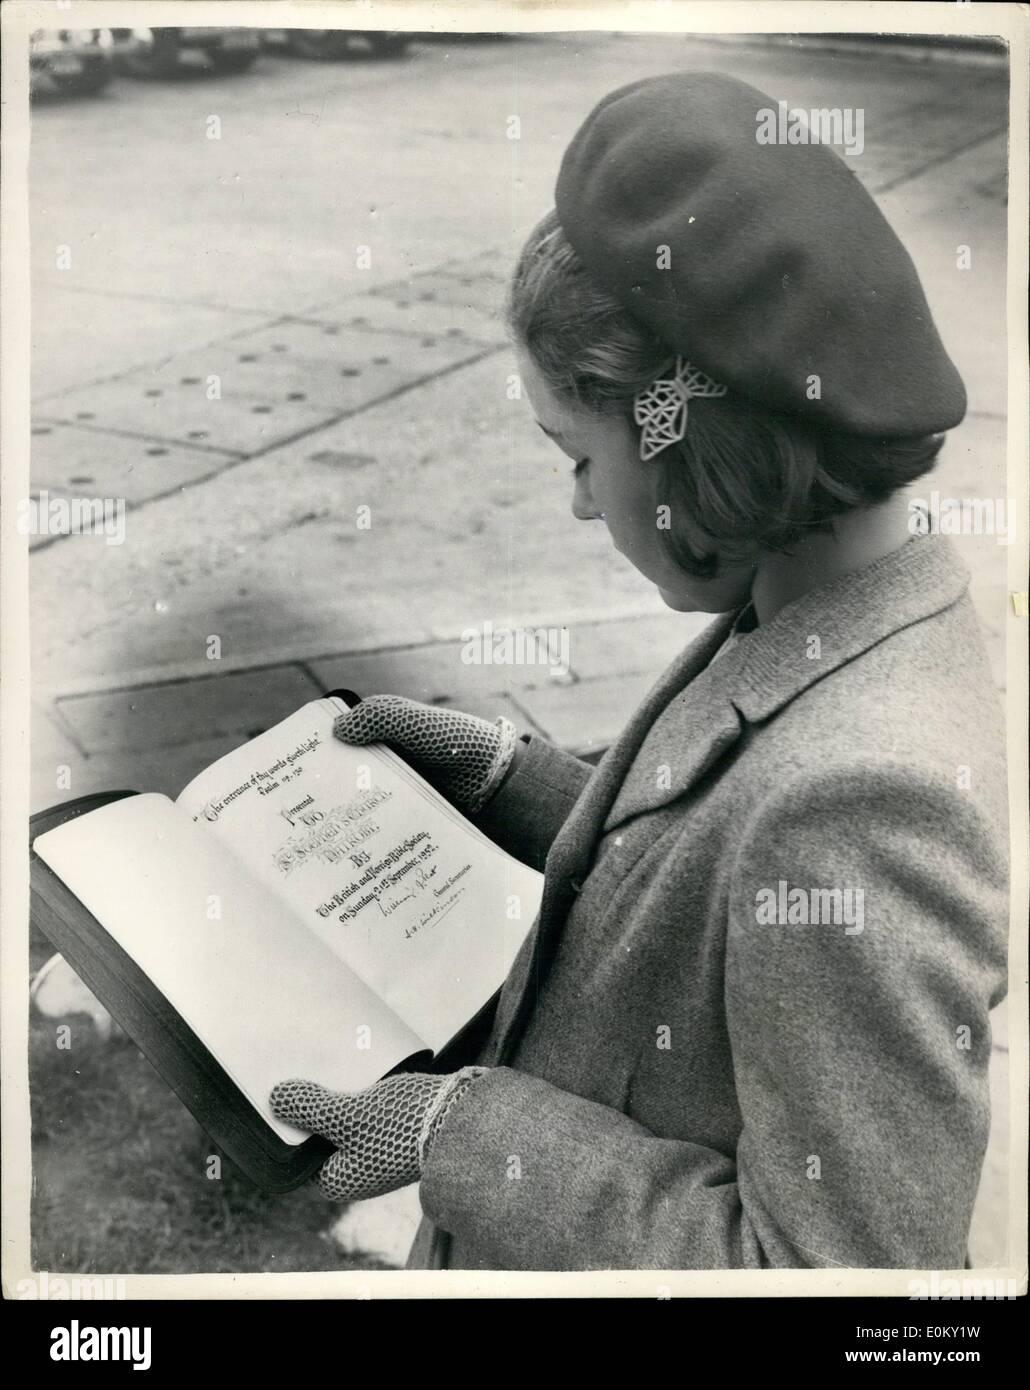 Sett. 09, 1952 - 9-9-52 la prima Bibbia stampata in ââ'¬Ëoestandard Swahili' lascia Londra per l Africa Orientale da Comet camicia. La prima Bibbia stampata in lingua Swahili standard è stata consegnata al capitano della cometa Netliner all'Aeroporto di Londra questo pomeriggio da 11 anni Harris Oliva della Buona Novella il trasporto ââ'¬ËoeSwahili' per il trasporto in Africa orientale. Questa è la prima volta che la Bibbia è stata stampata in lingua Swahili ed è il lavoro di Canon A.B. Helliet e Canon H.J. Butcher. La prima edizione di totali 50.000 copie Immagini Stock